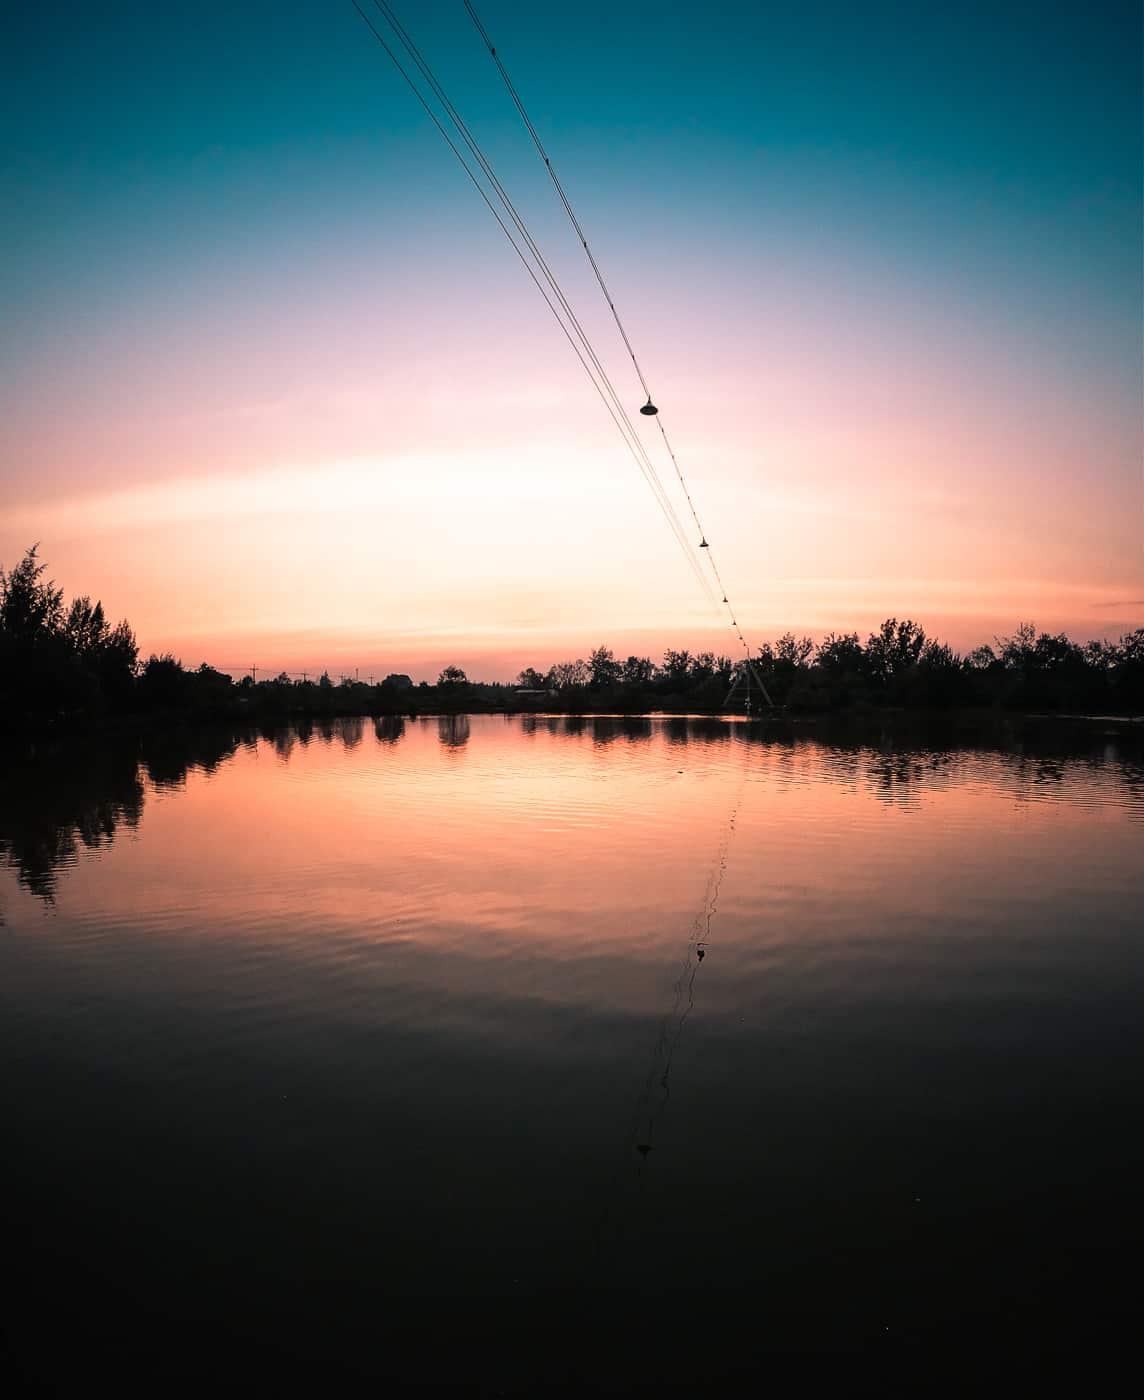 imagem do pôr-do-sol do herói 7 preto